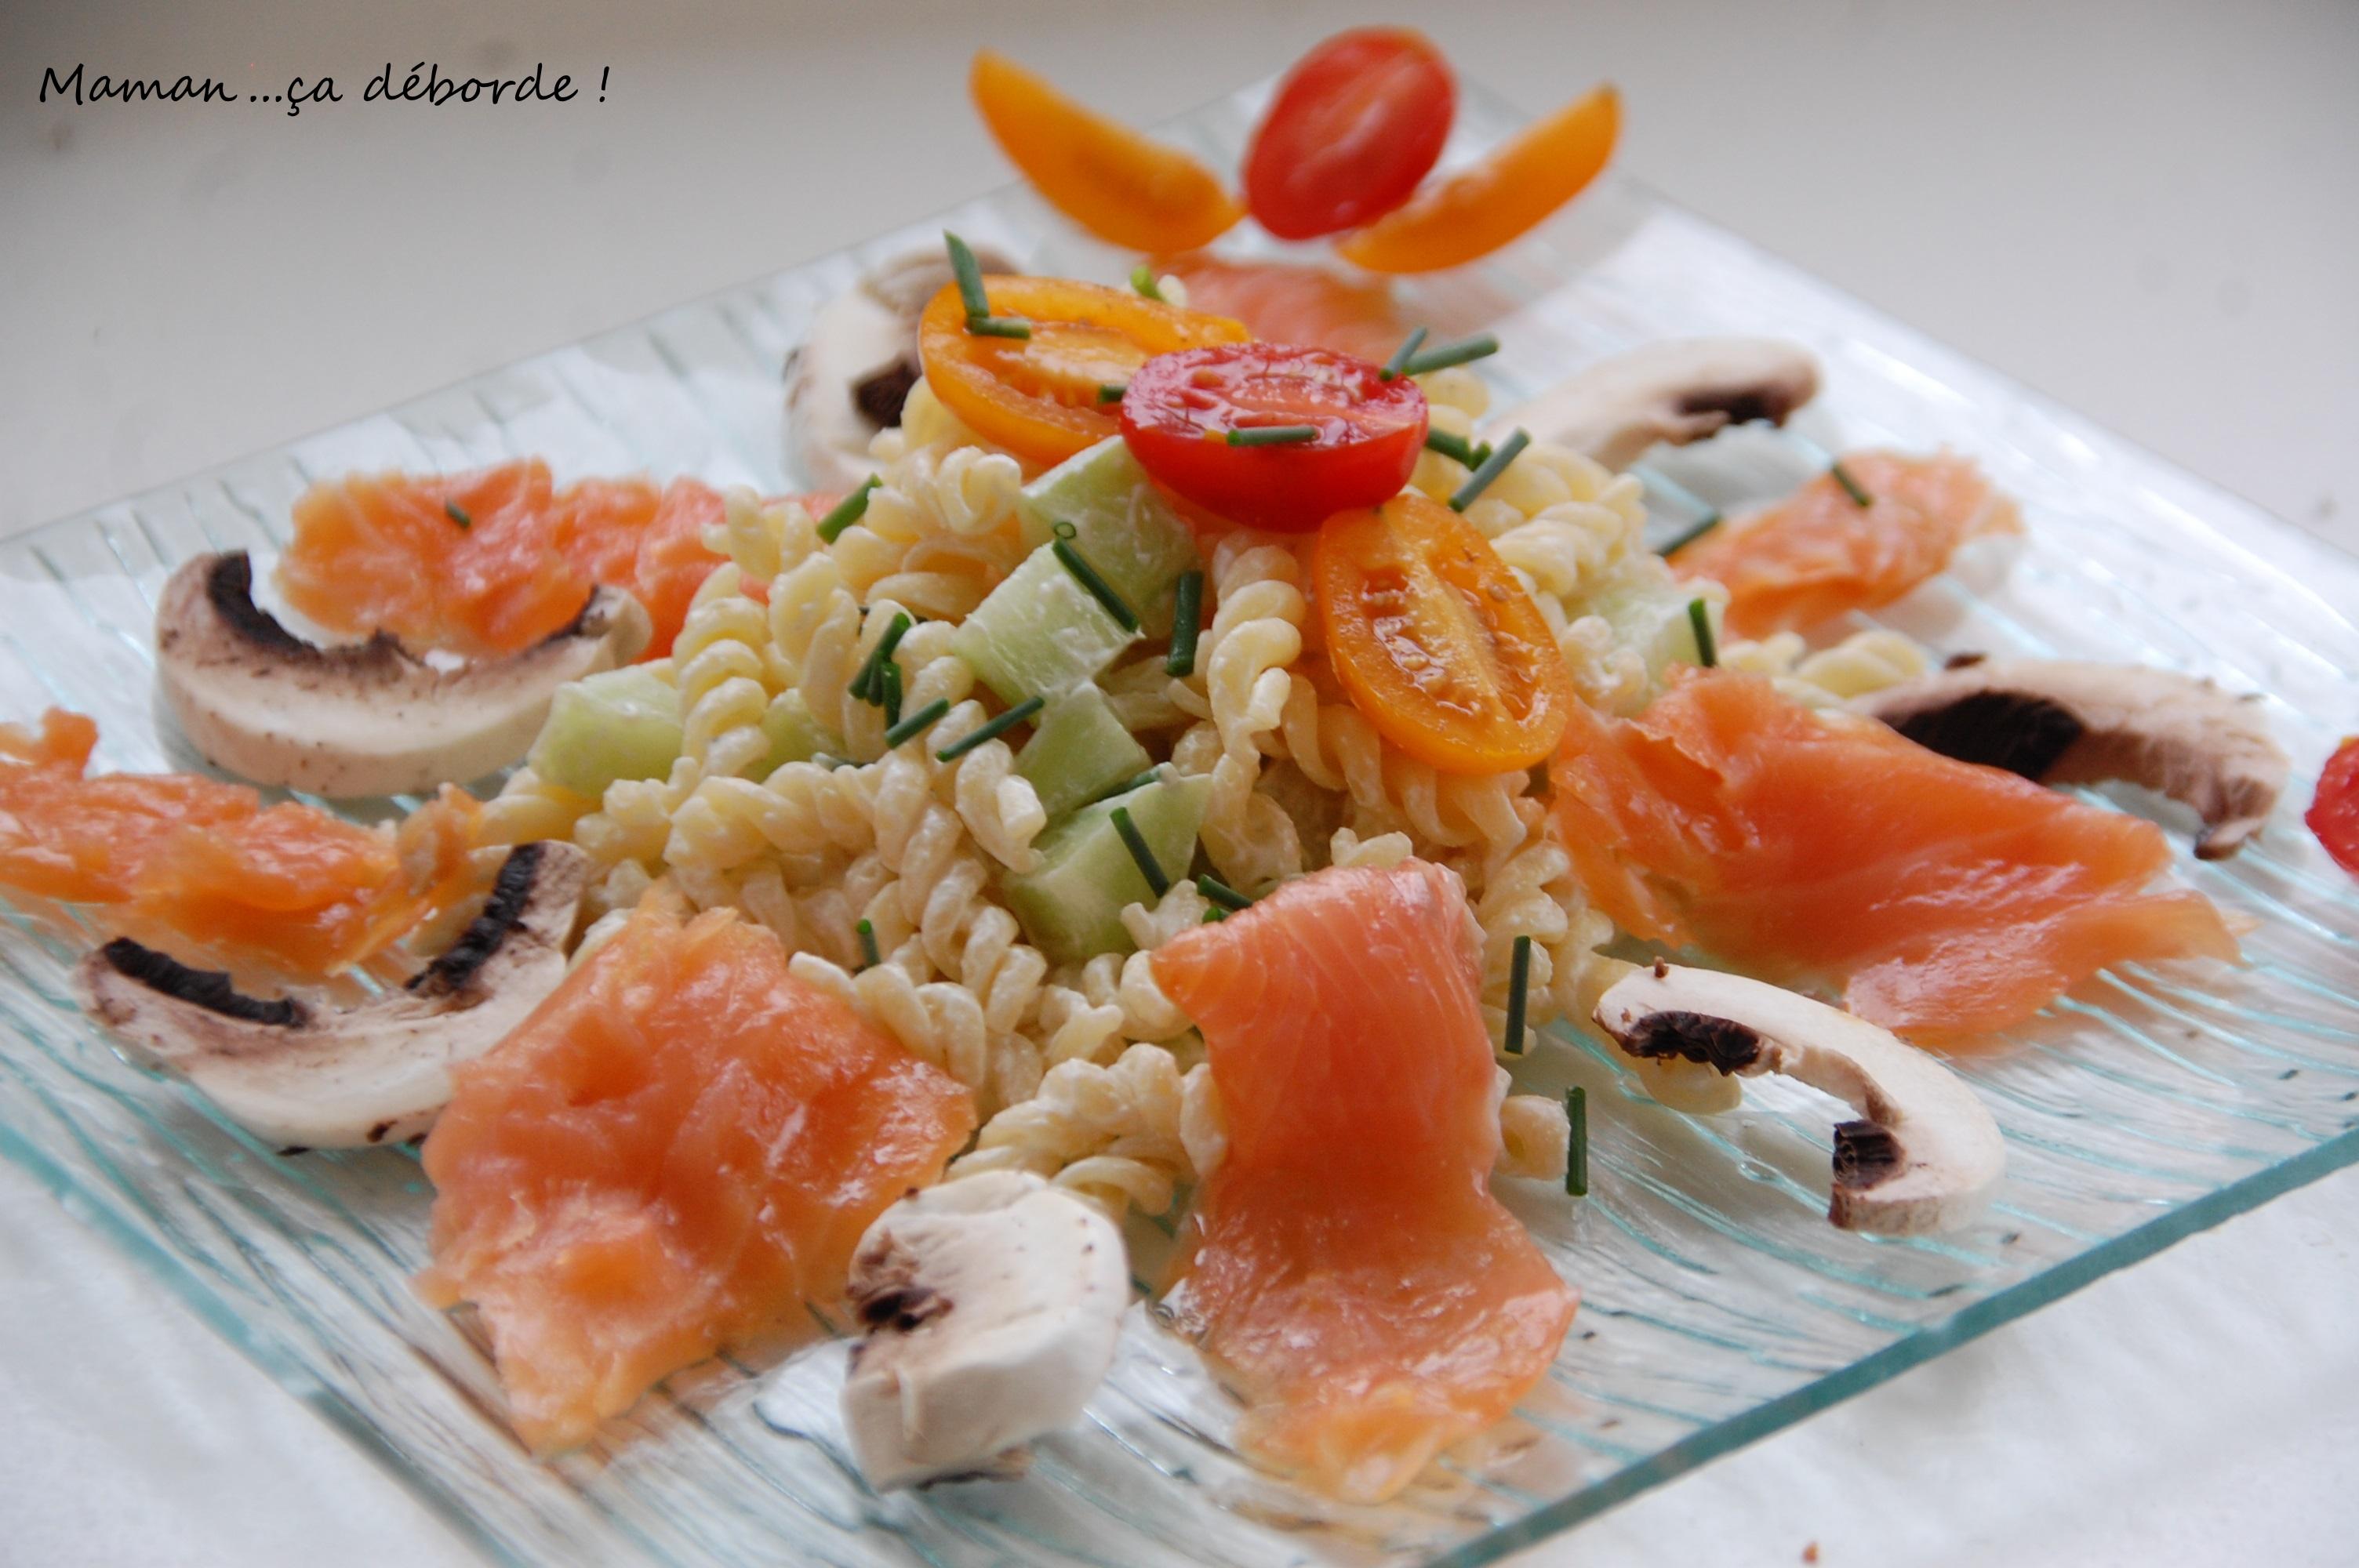 Salade de p tes au saumon fum maman a d borde - Decoration de salade sur assiette ...